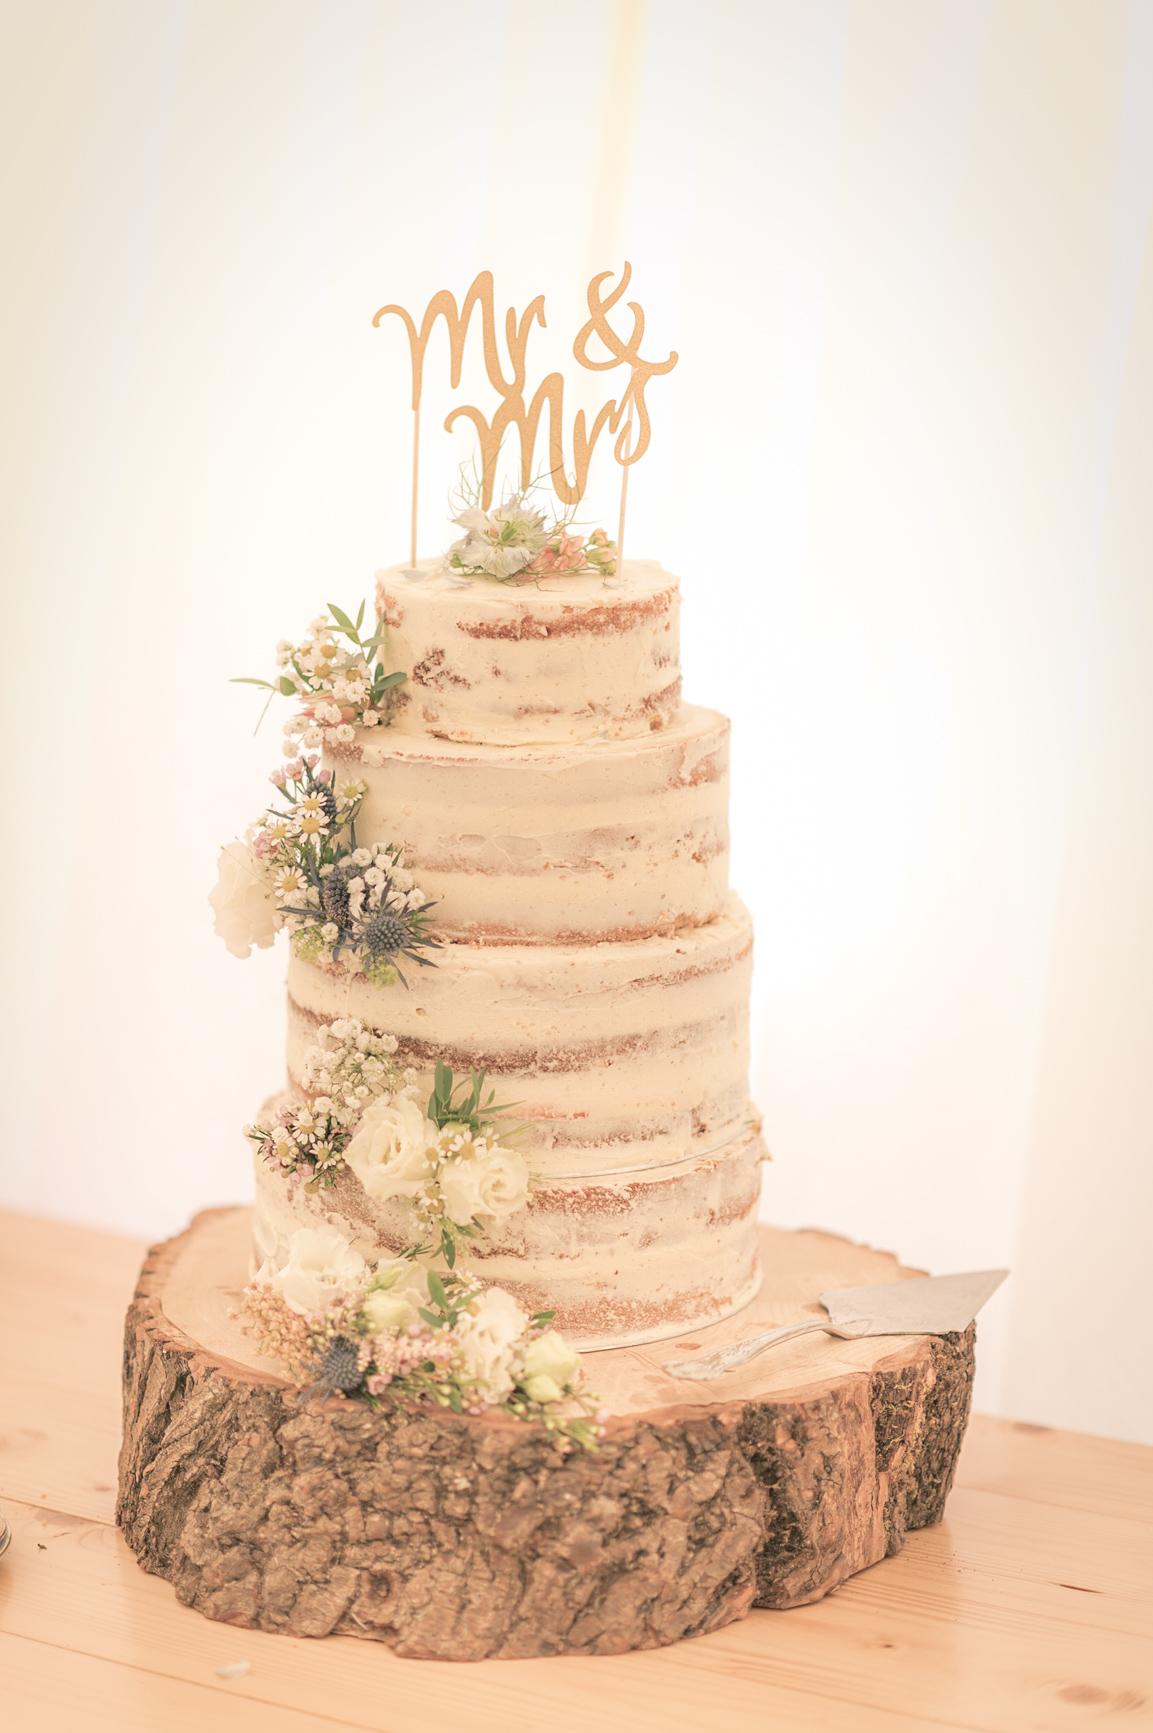 Cake - Full